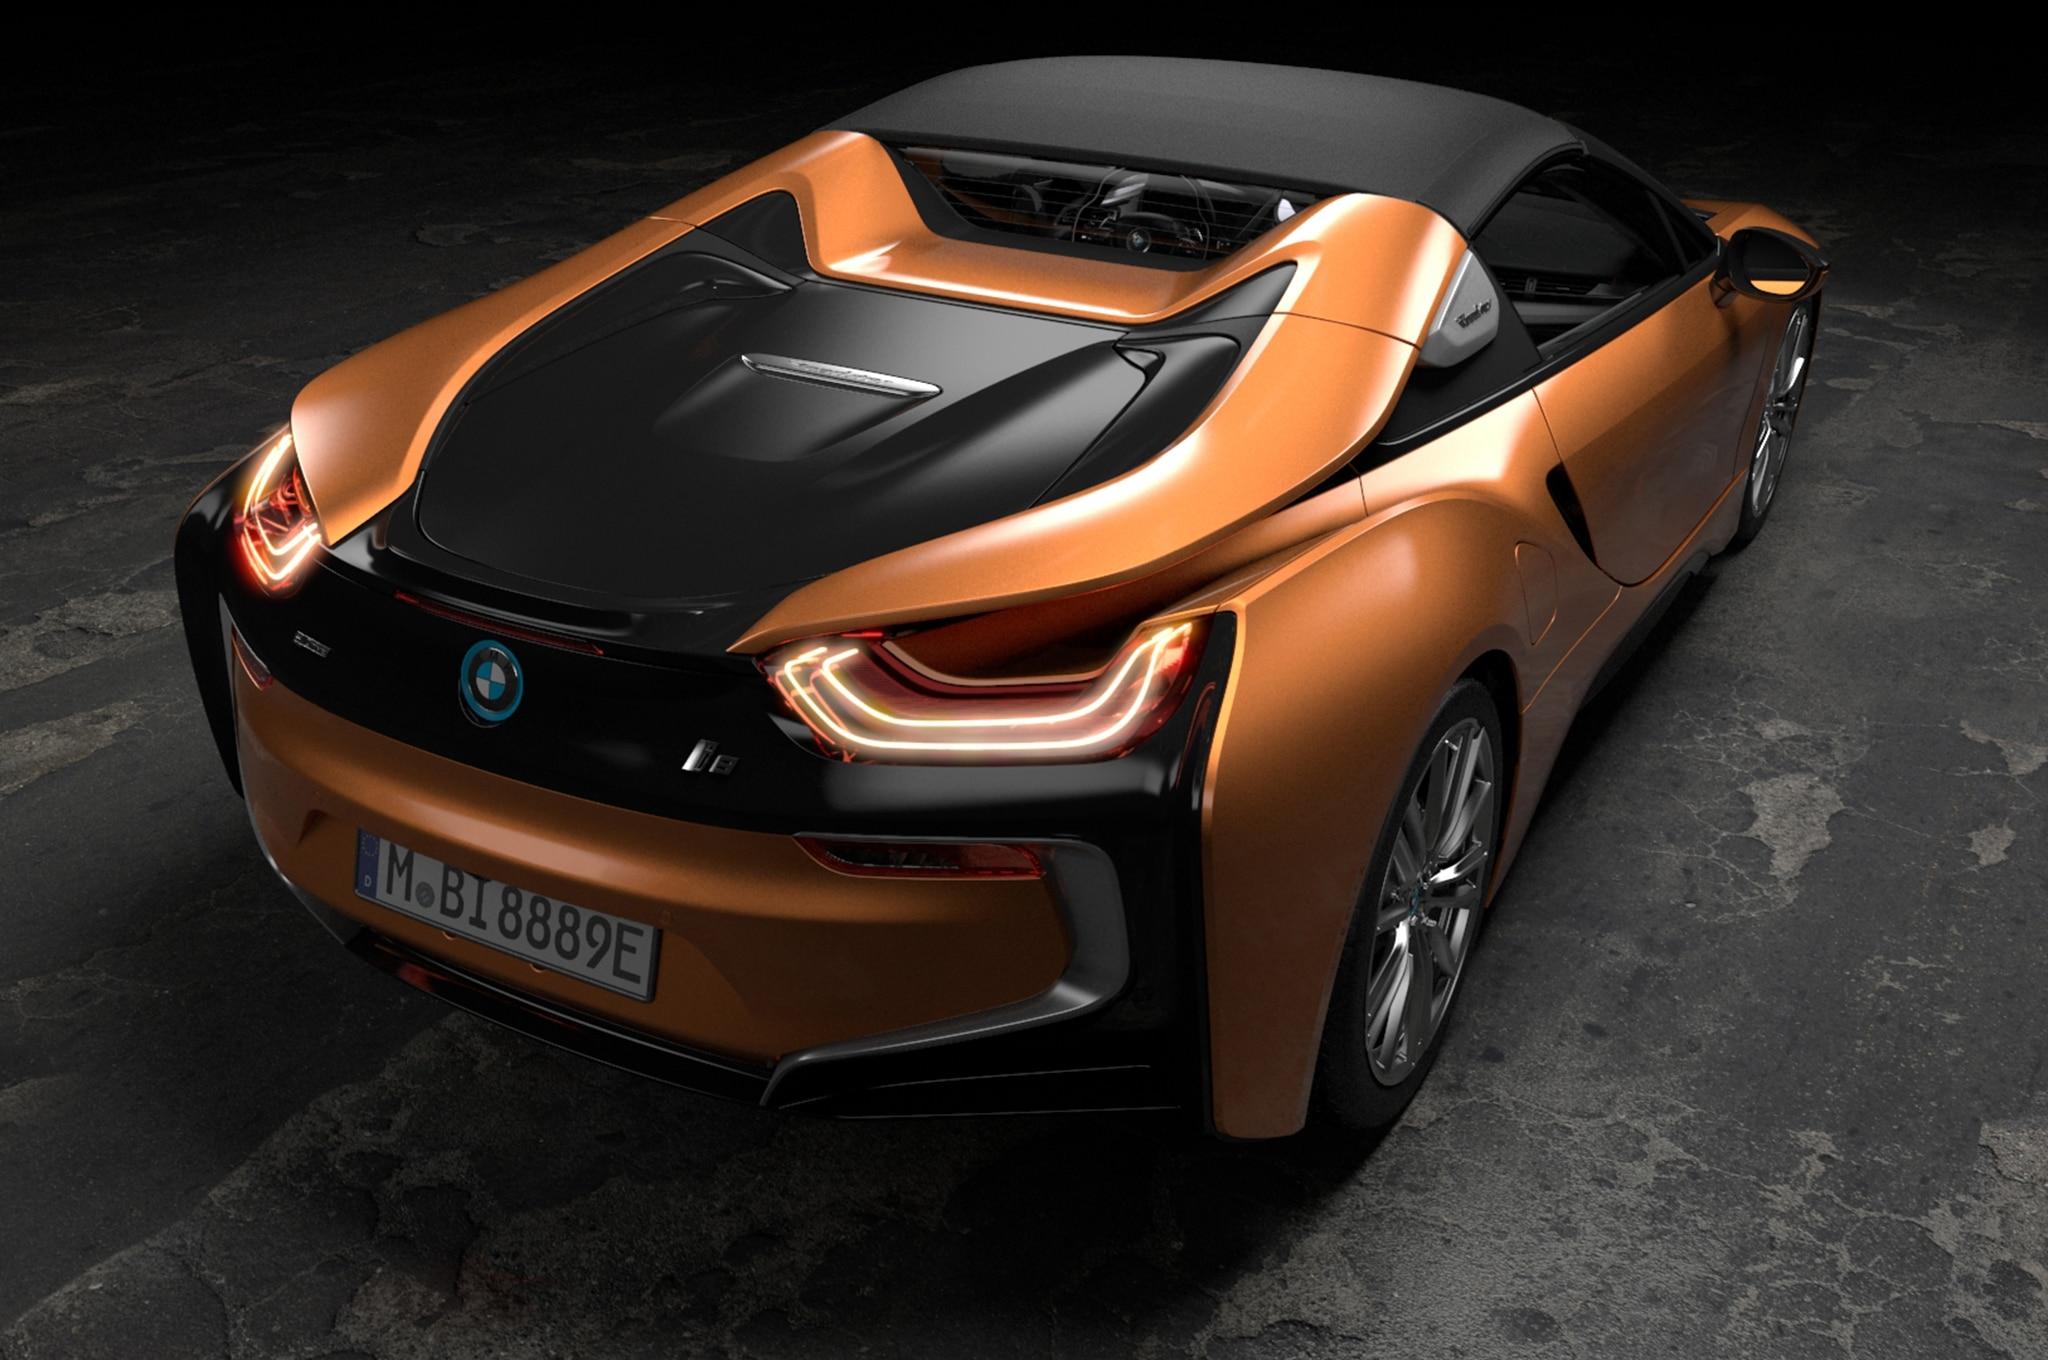 2019 bmw i8 roadster arrives alongside updated coupe